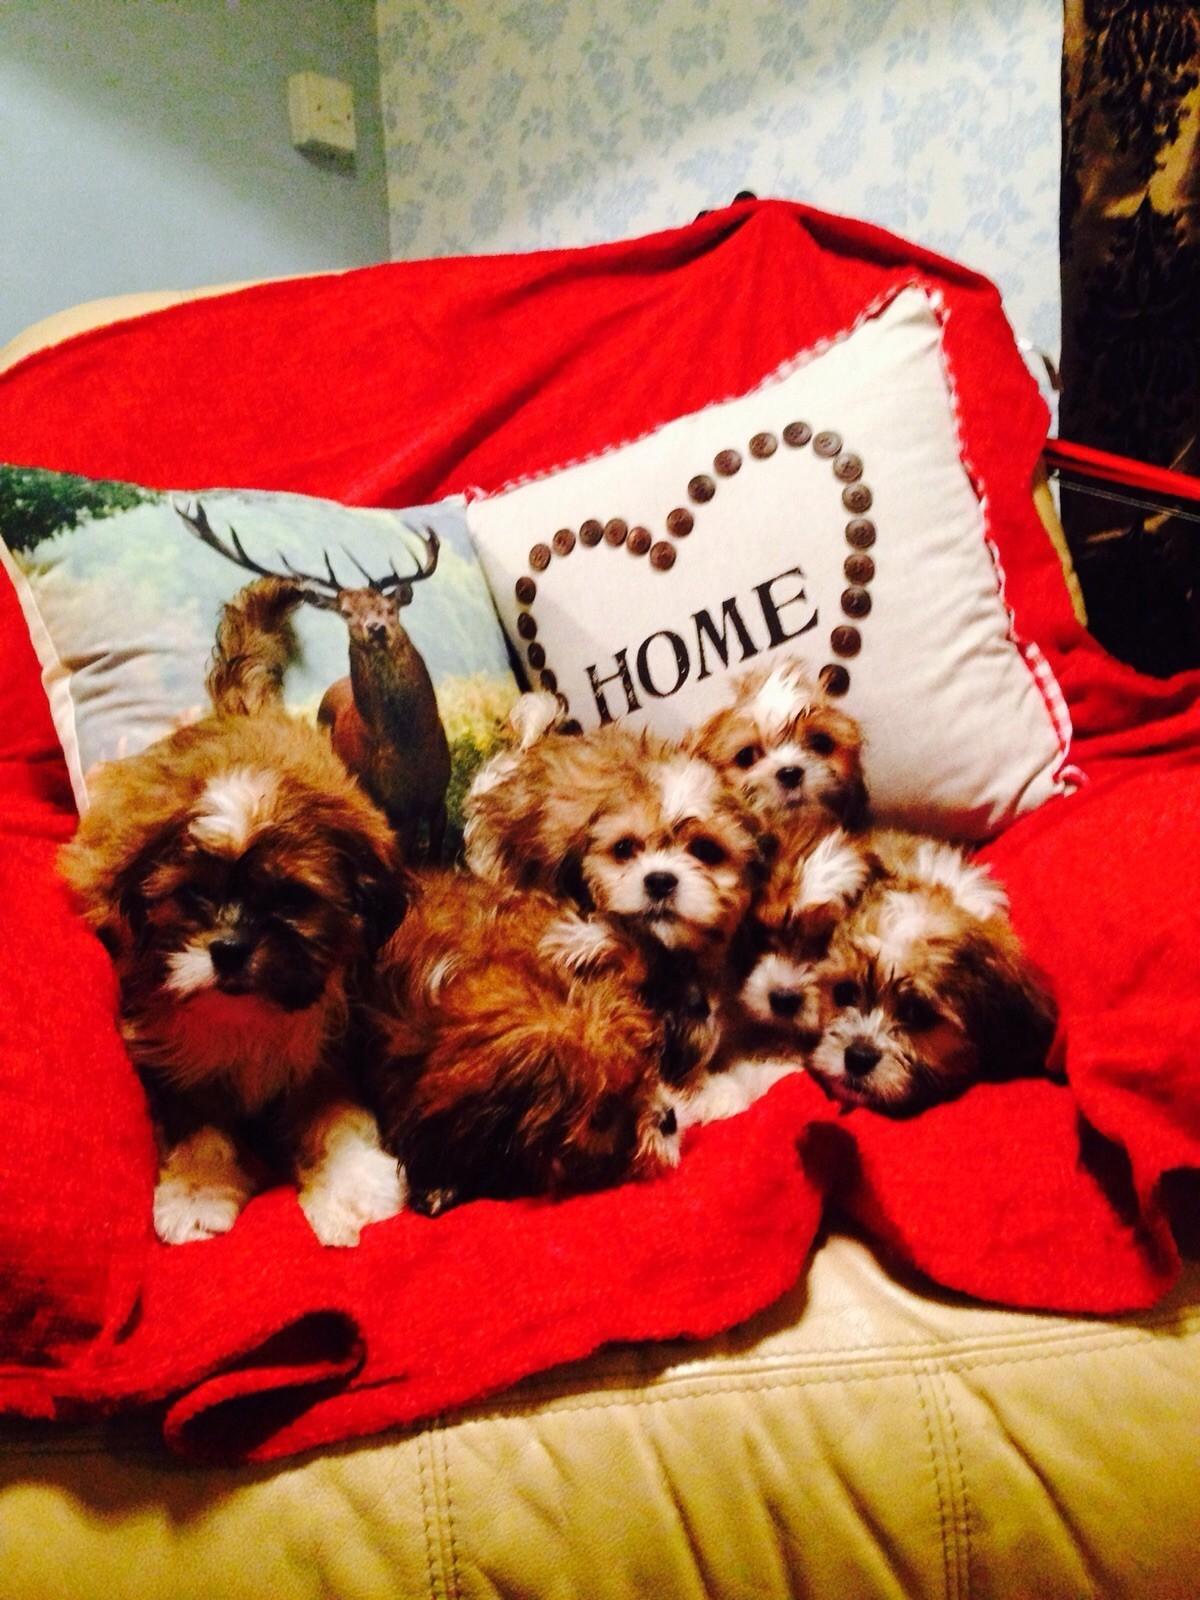 Puppies stolen